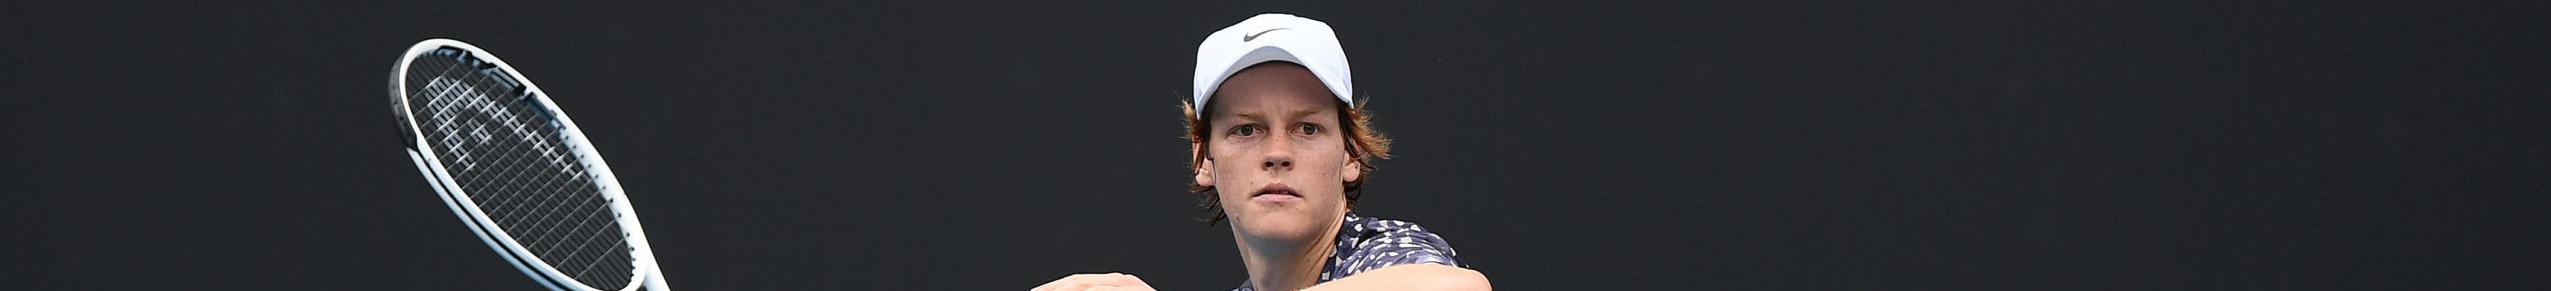 Australian Open 2020: Sinner e Fognini in campo, Gauff vuole continuare a stupire